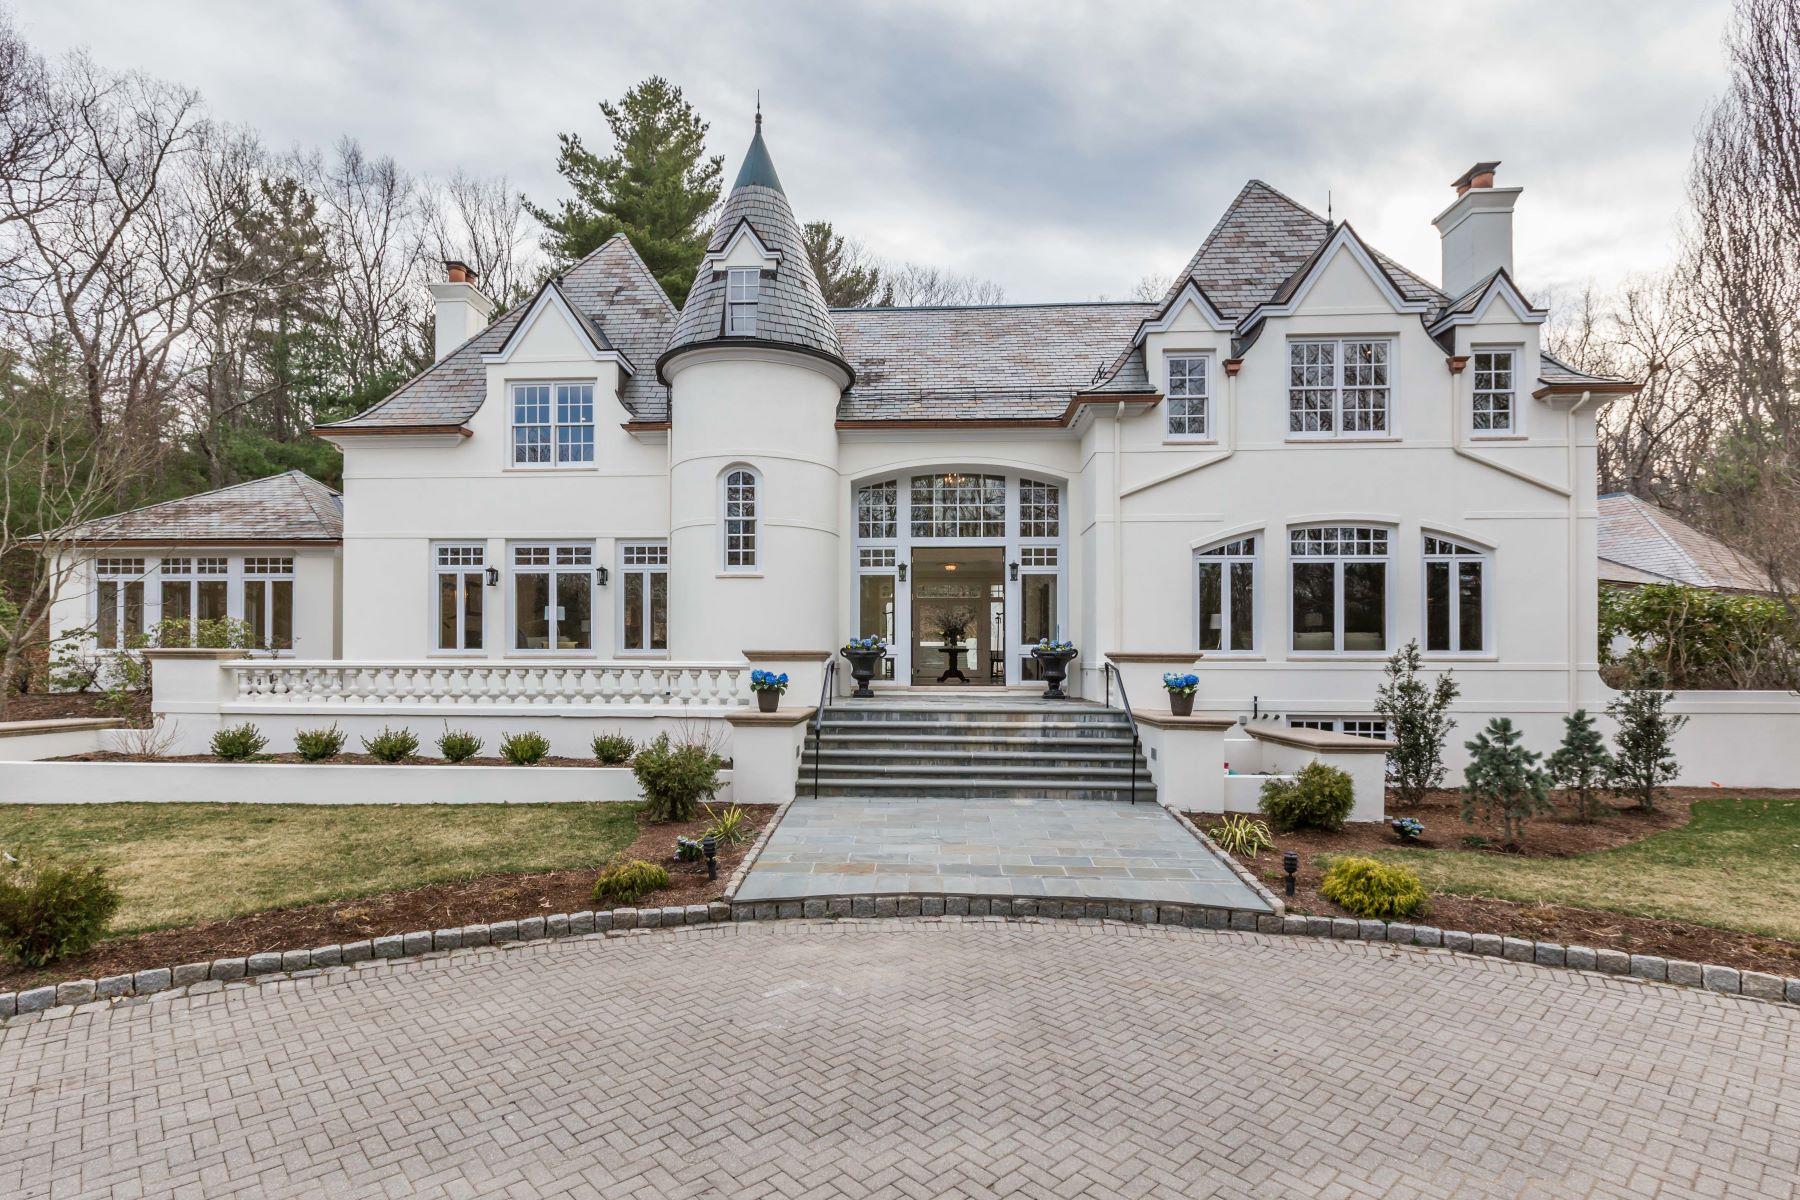 Частный односемейный дом для того Продажа на Stunning Newly Renovated Wellesley Estate 190 Pond Street Wellesley, Массачусетс 02482 Соединенные Штаты